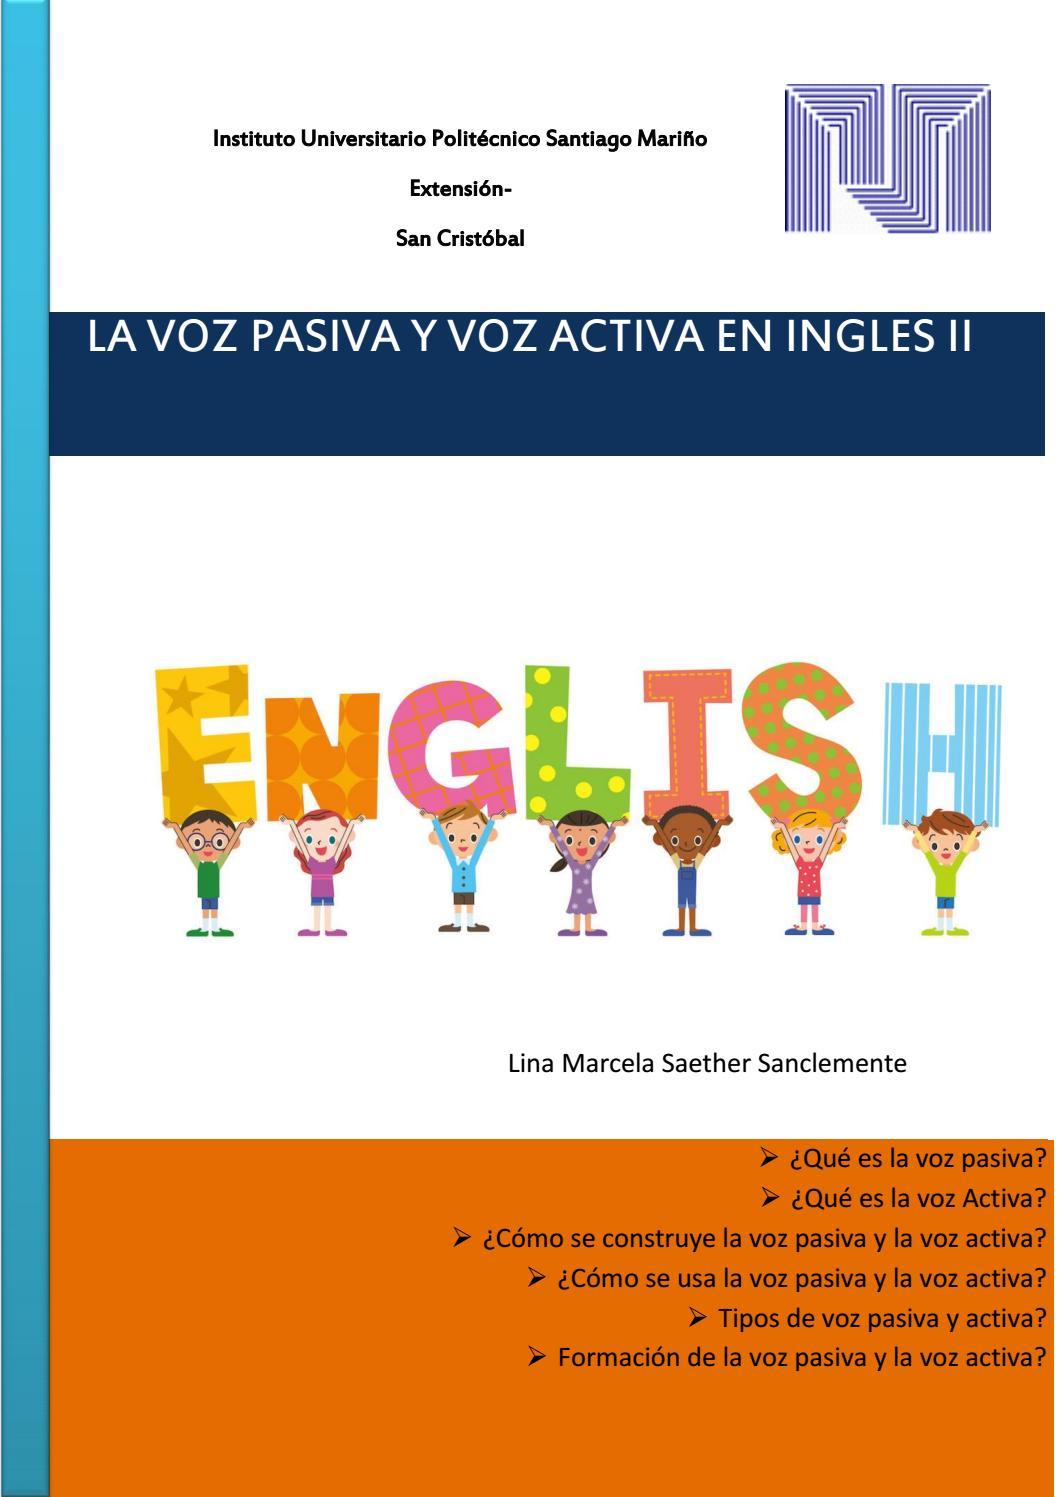 Revista De La Voz Pasiva Y Activa En Ingles By Elen Issuu